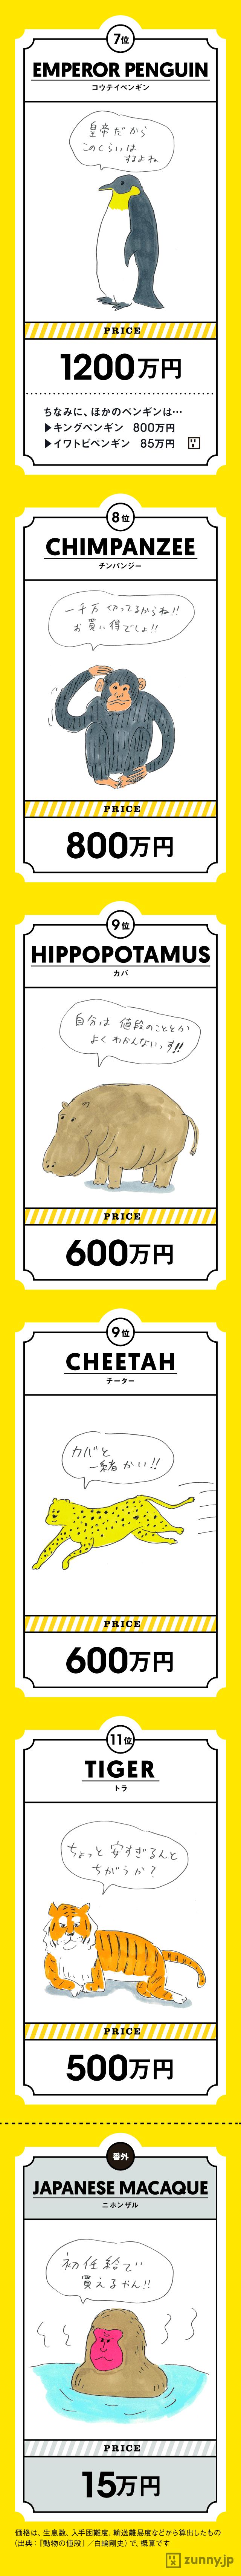 インフォグラフィック:パンダの値段は○億円!全国の人気動物園ランキング